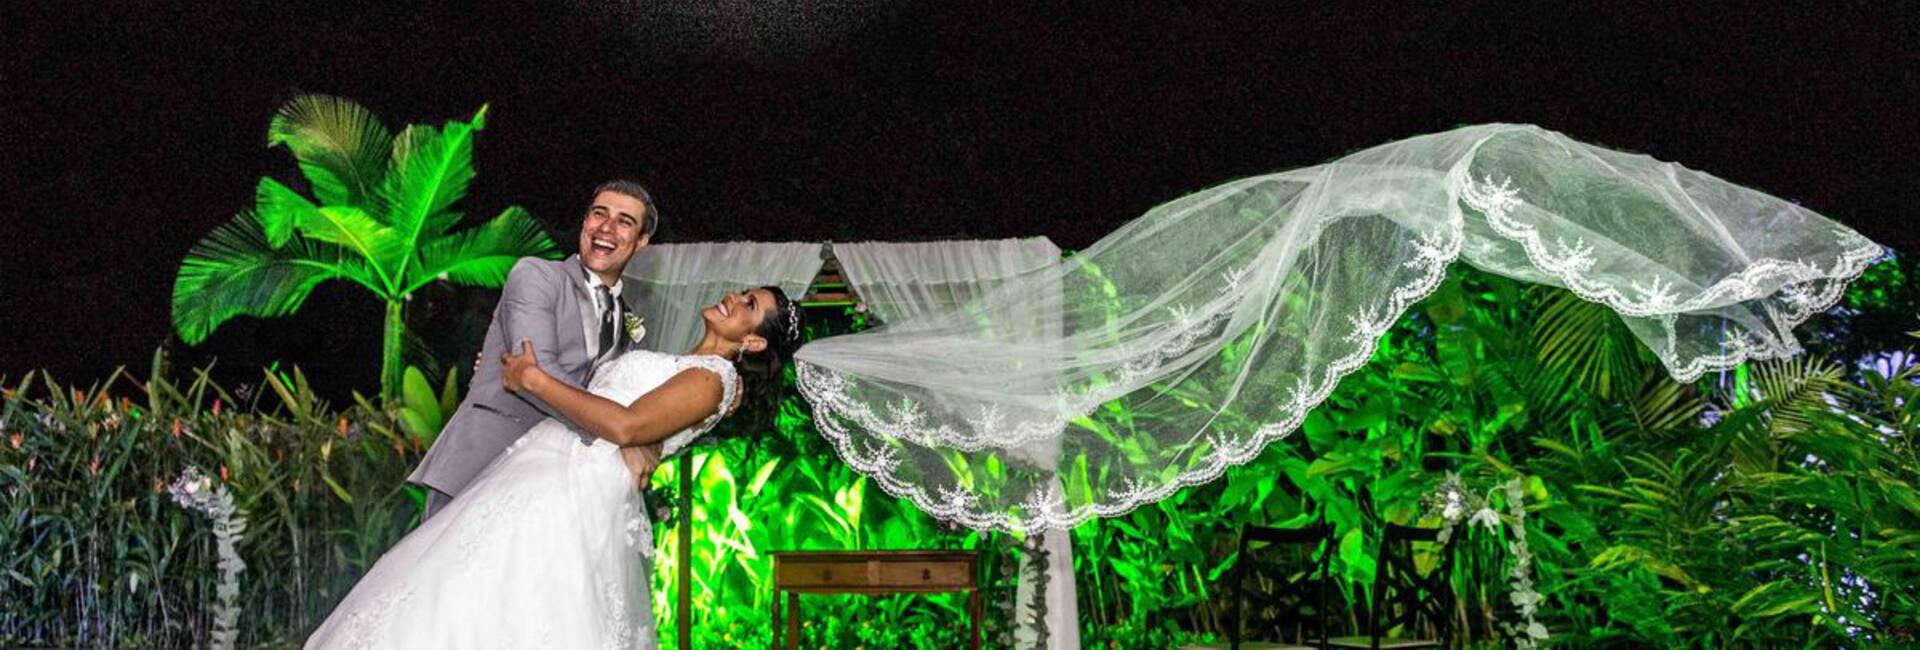 Casamento de Alexandre & Mariana